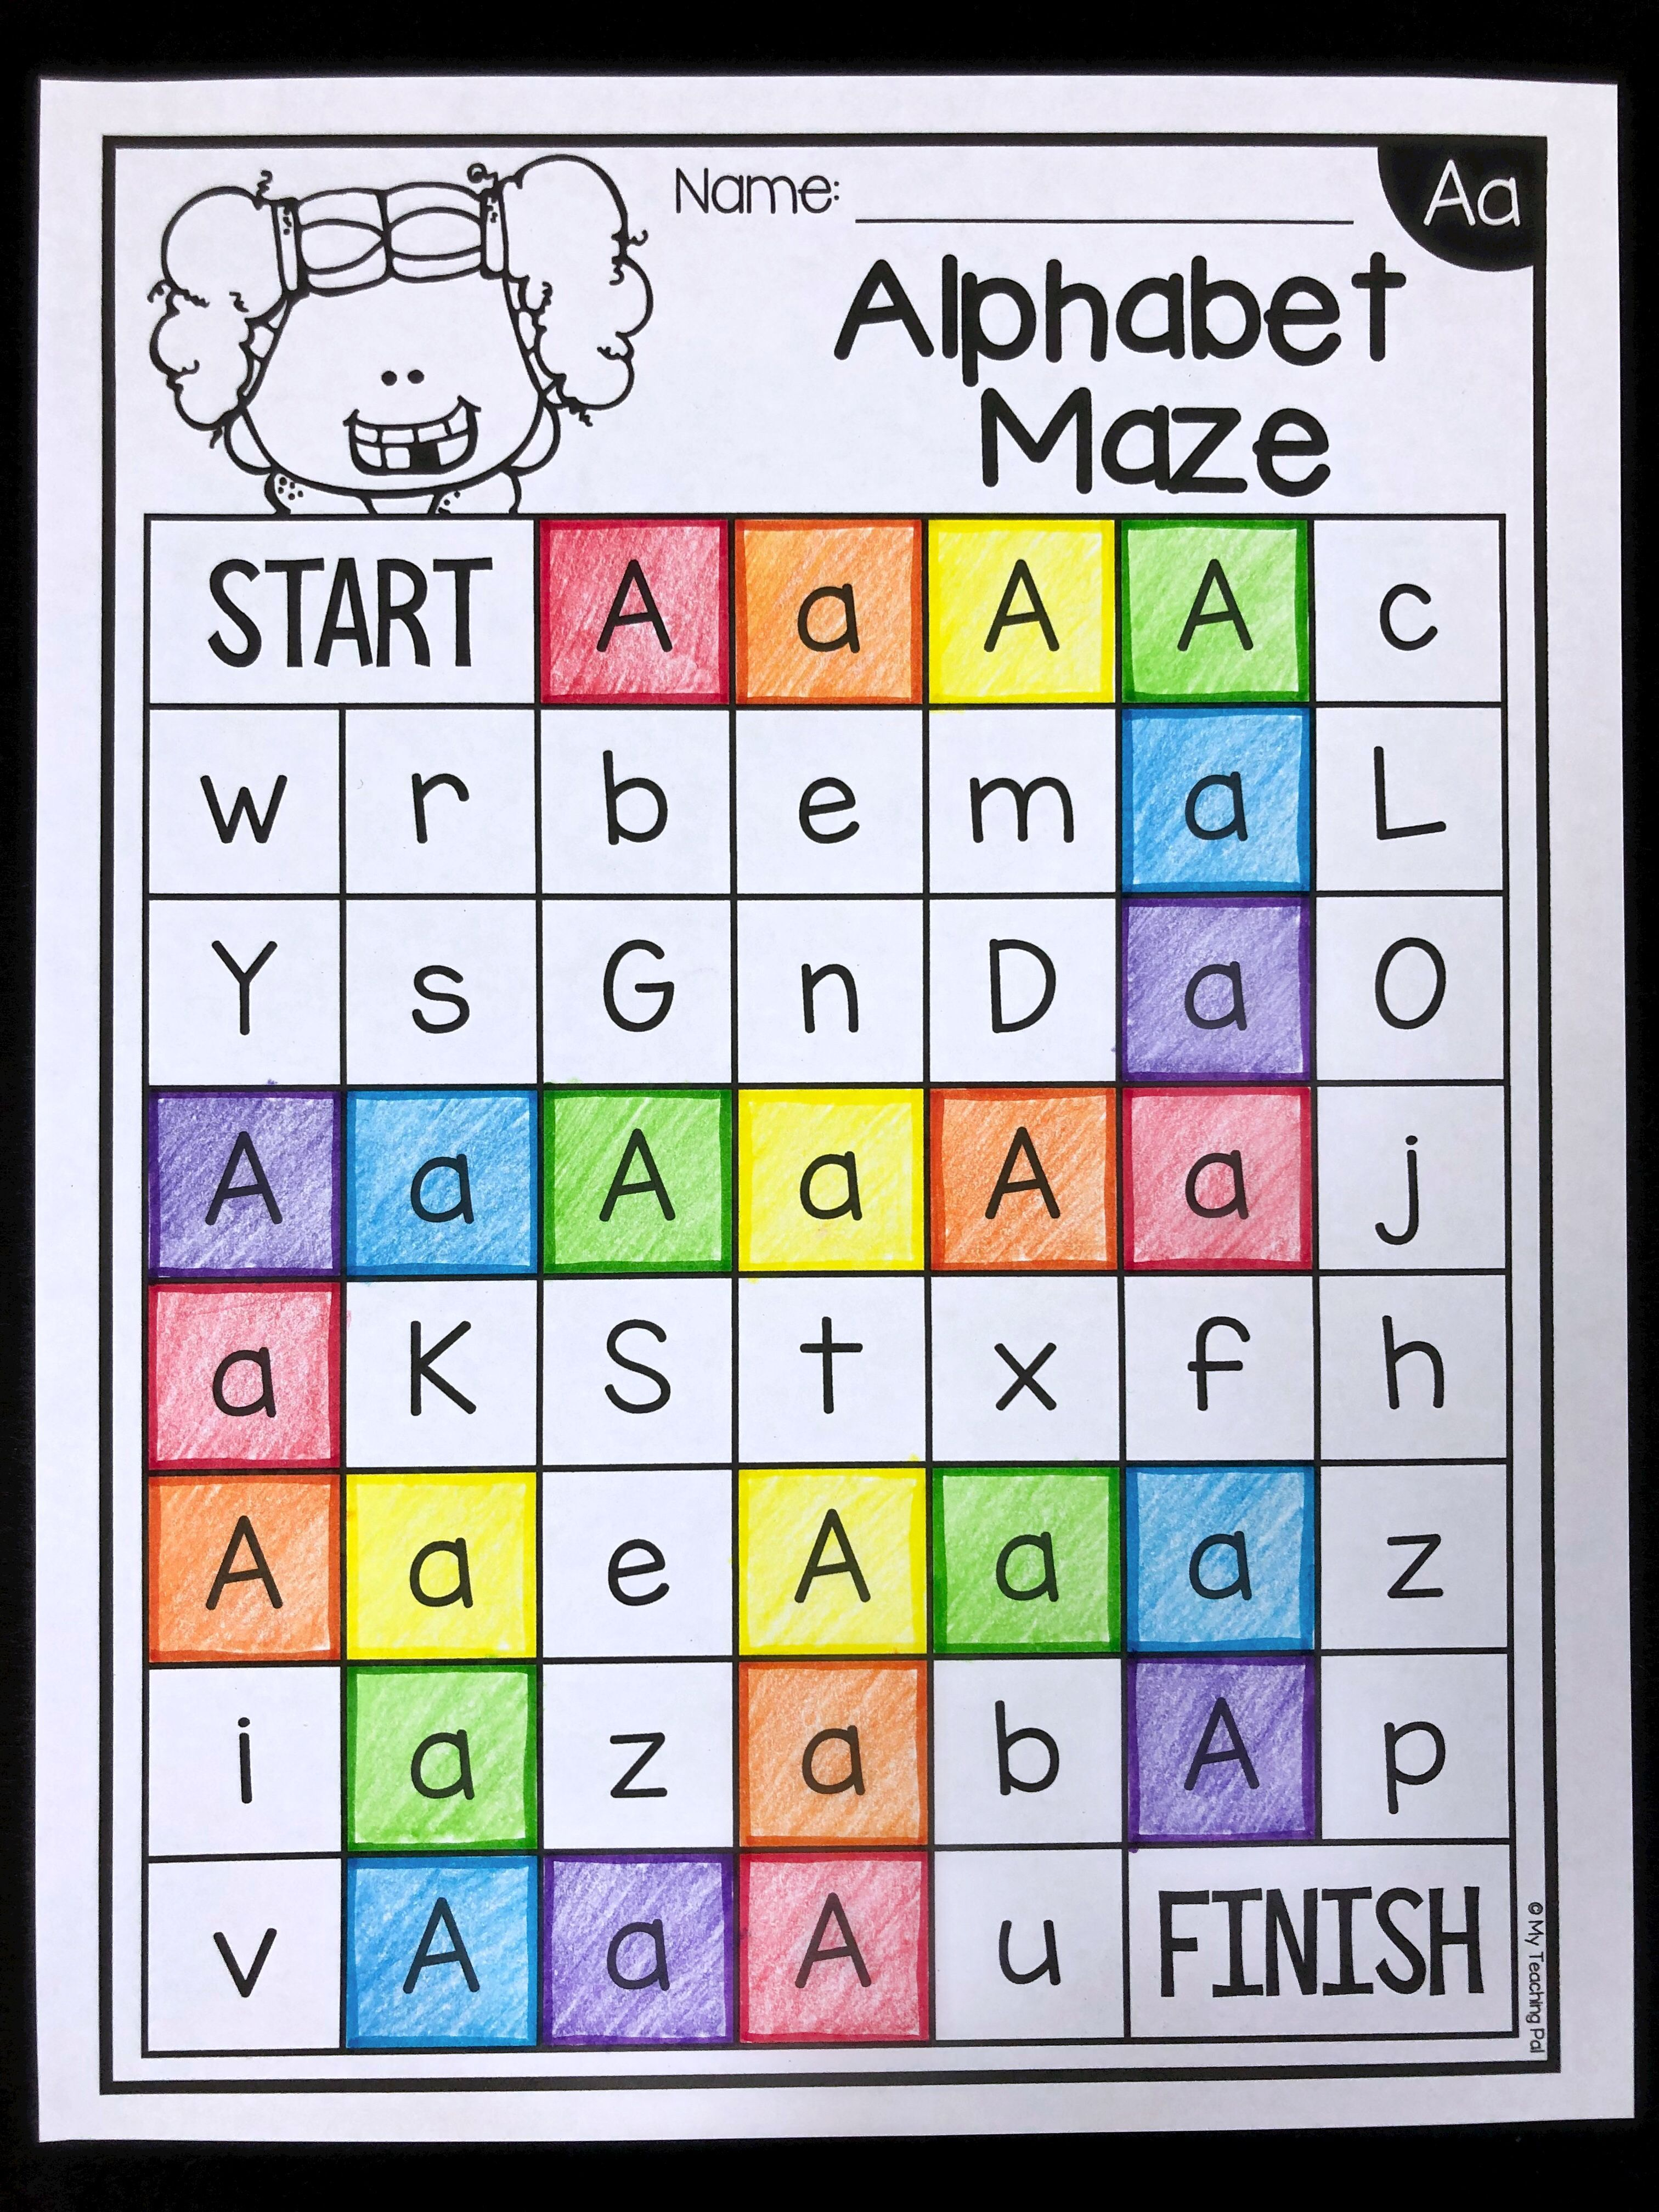 Alphabet Maze Worksheets Letter Recognition Alphabet Alphabet Activities Kindergarten Alphabet Preschool Alphabet Activities Preschool